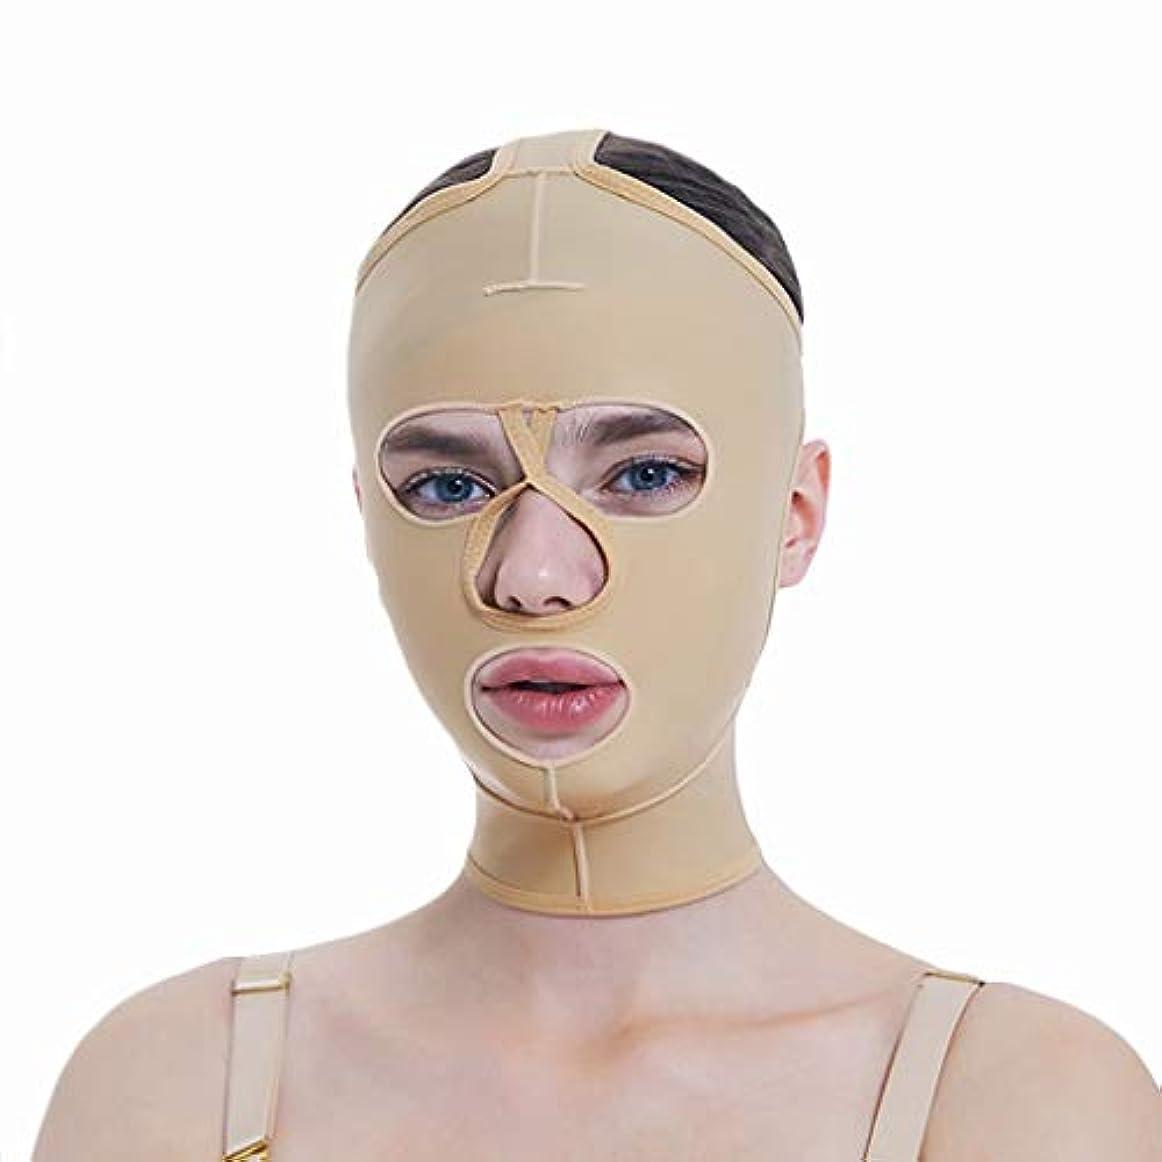 シェルター速度習慣XHLMRMJ 顔の減量マスク、フルカバレッジ包帯、フルフェイスリフティングマスク、フェイスマスク、快適で通気性、リフティングシェーピング (Size : M)